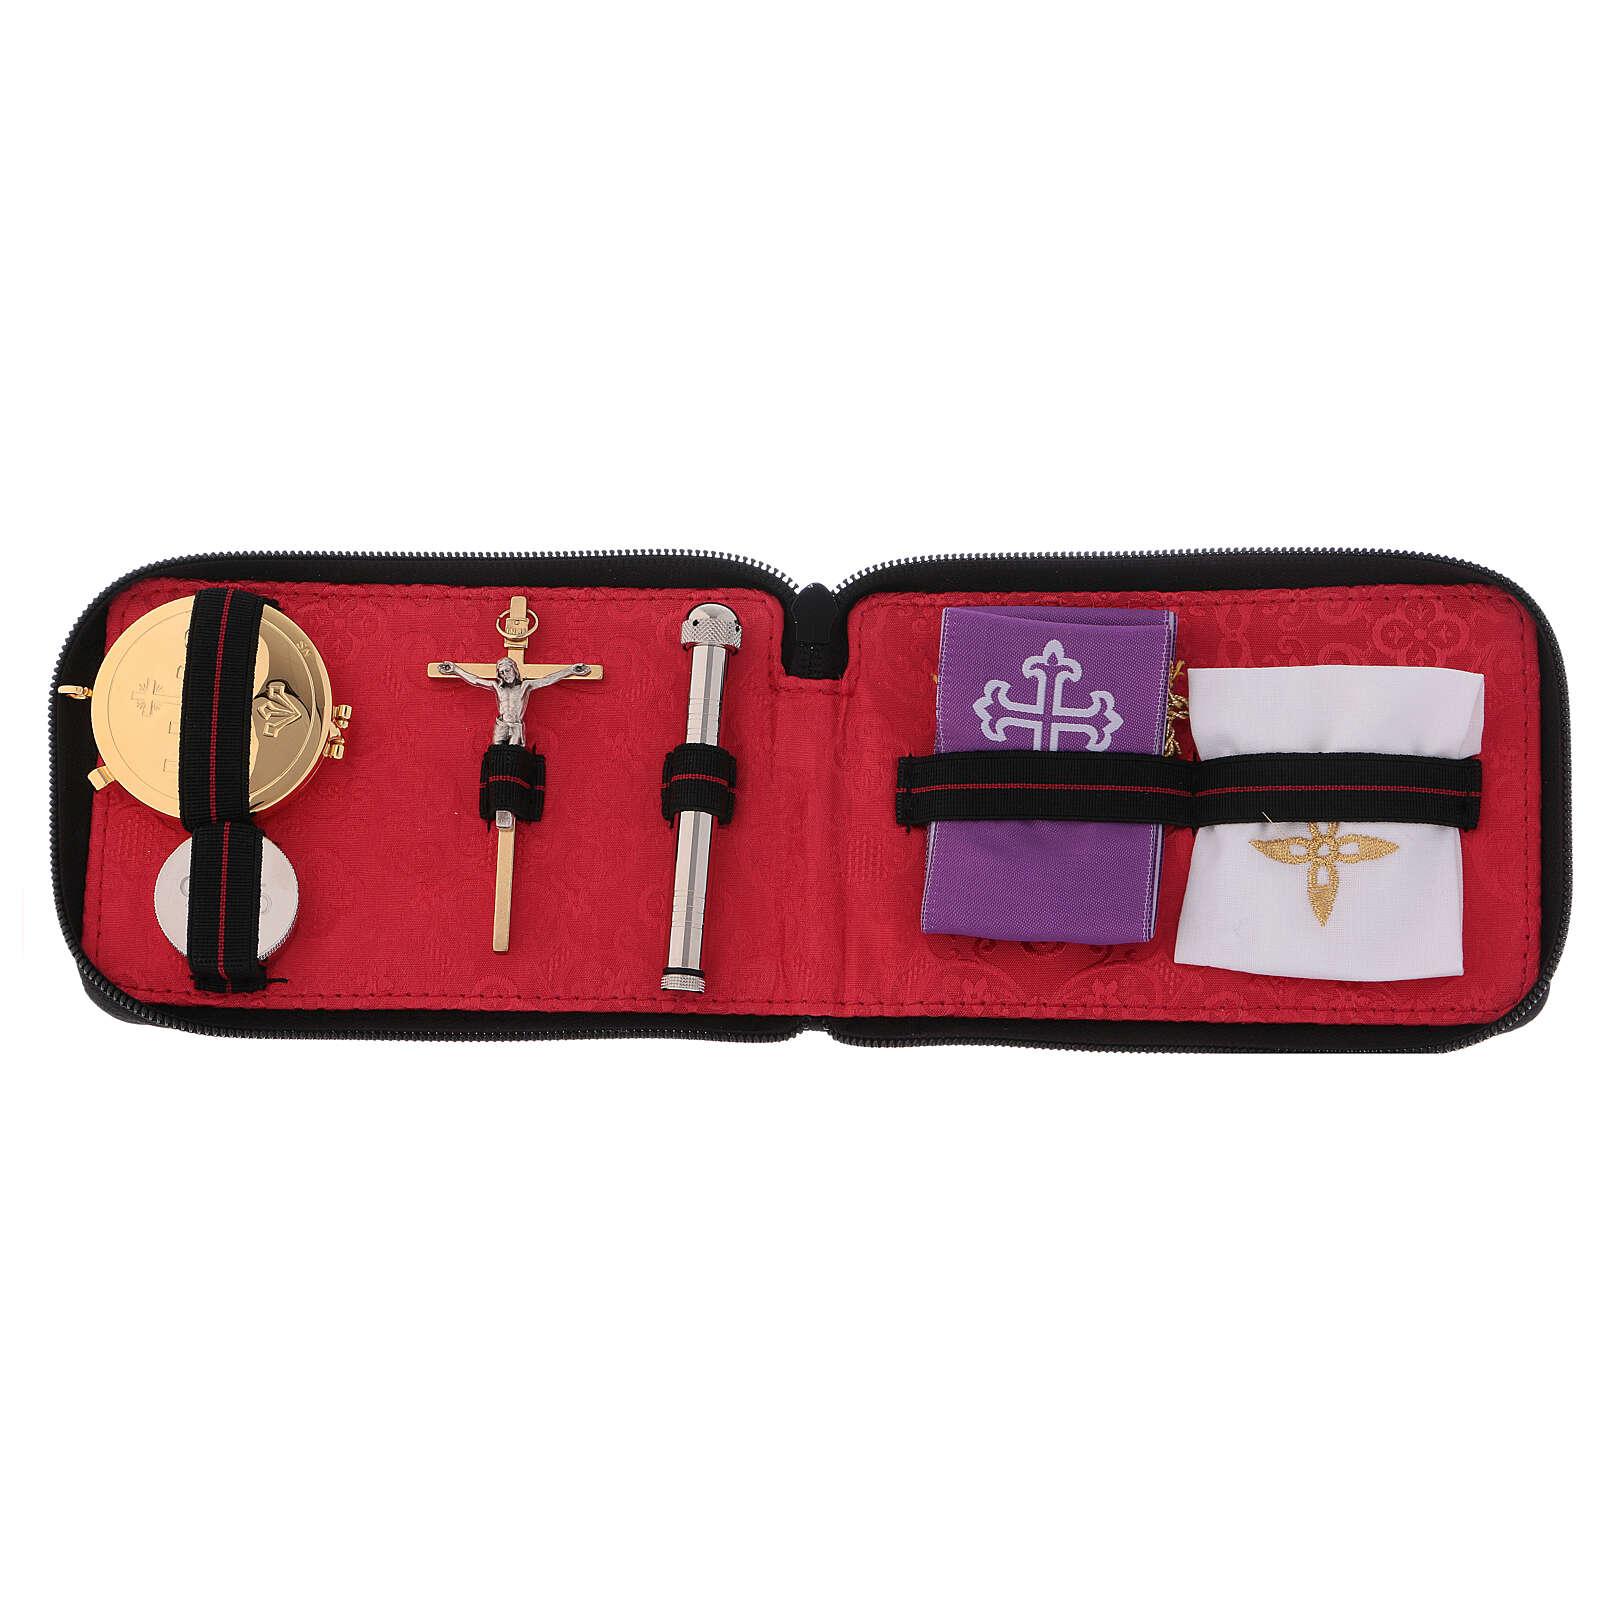 Estuche para viático para celebraciones de cuero verdadero con cremallera interior jacquard rojo 3